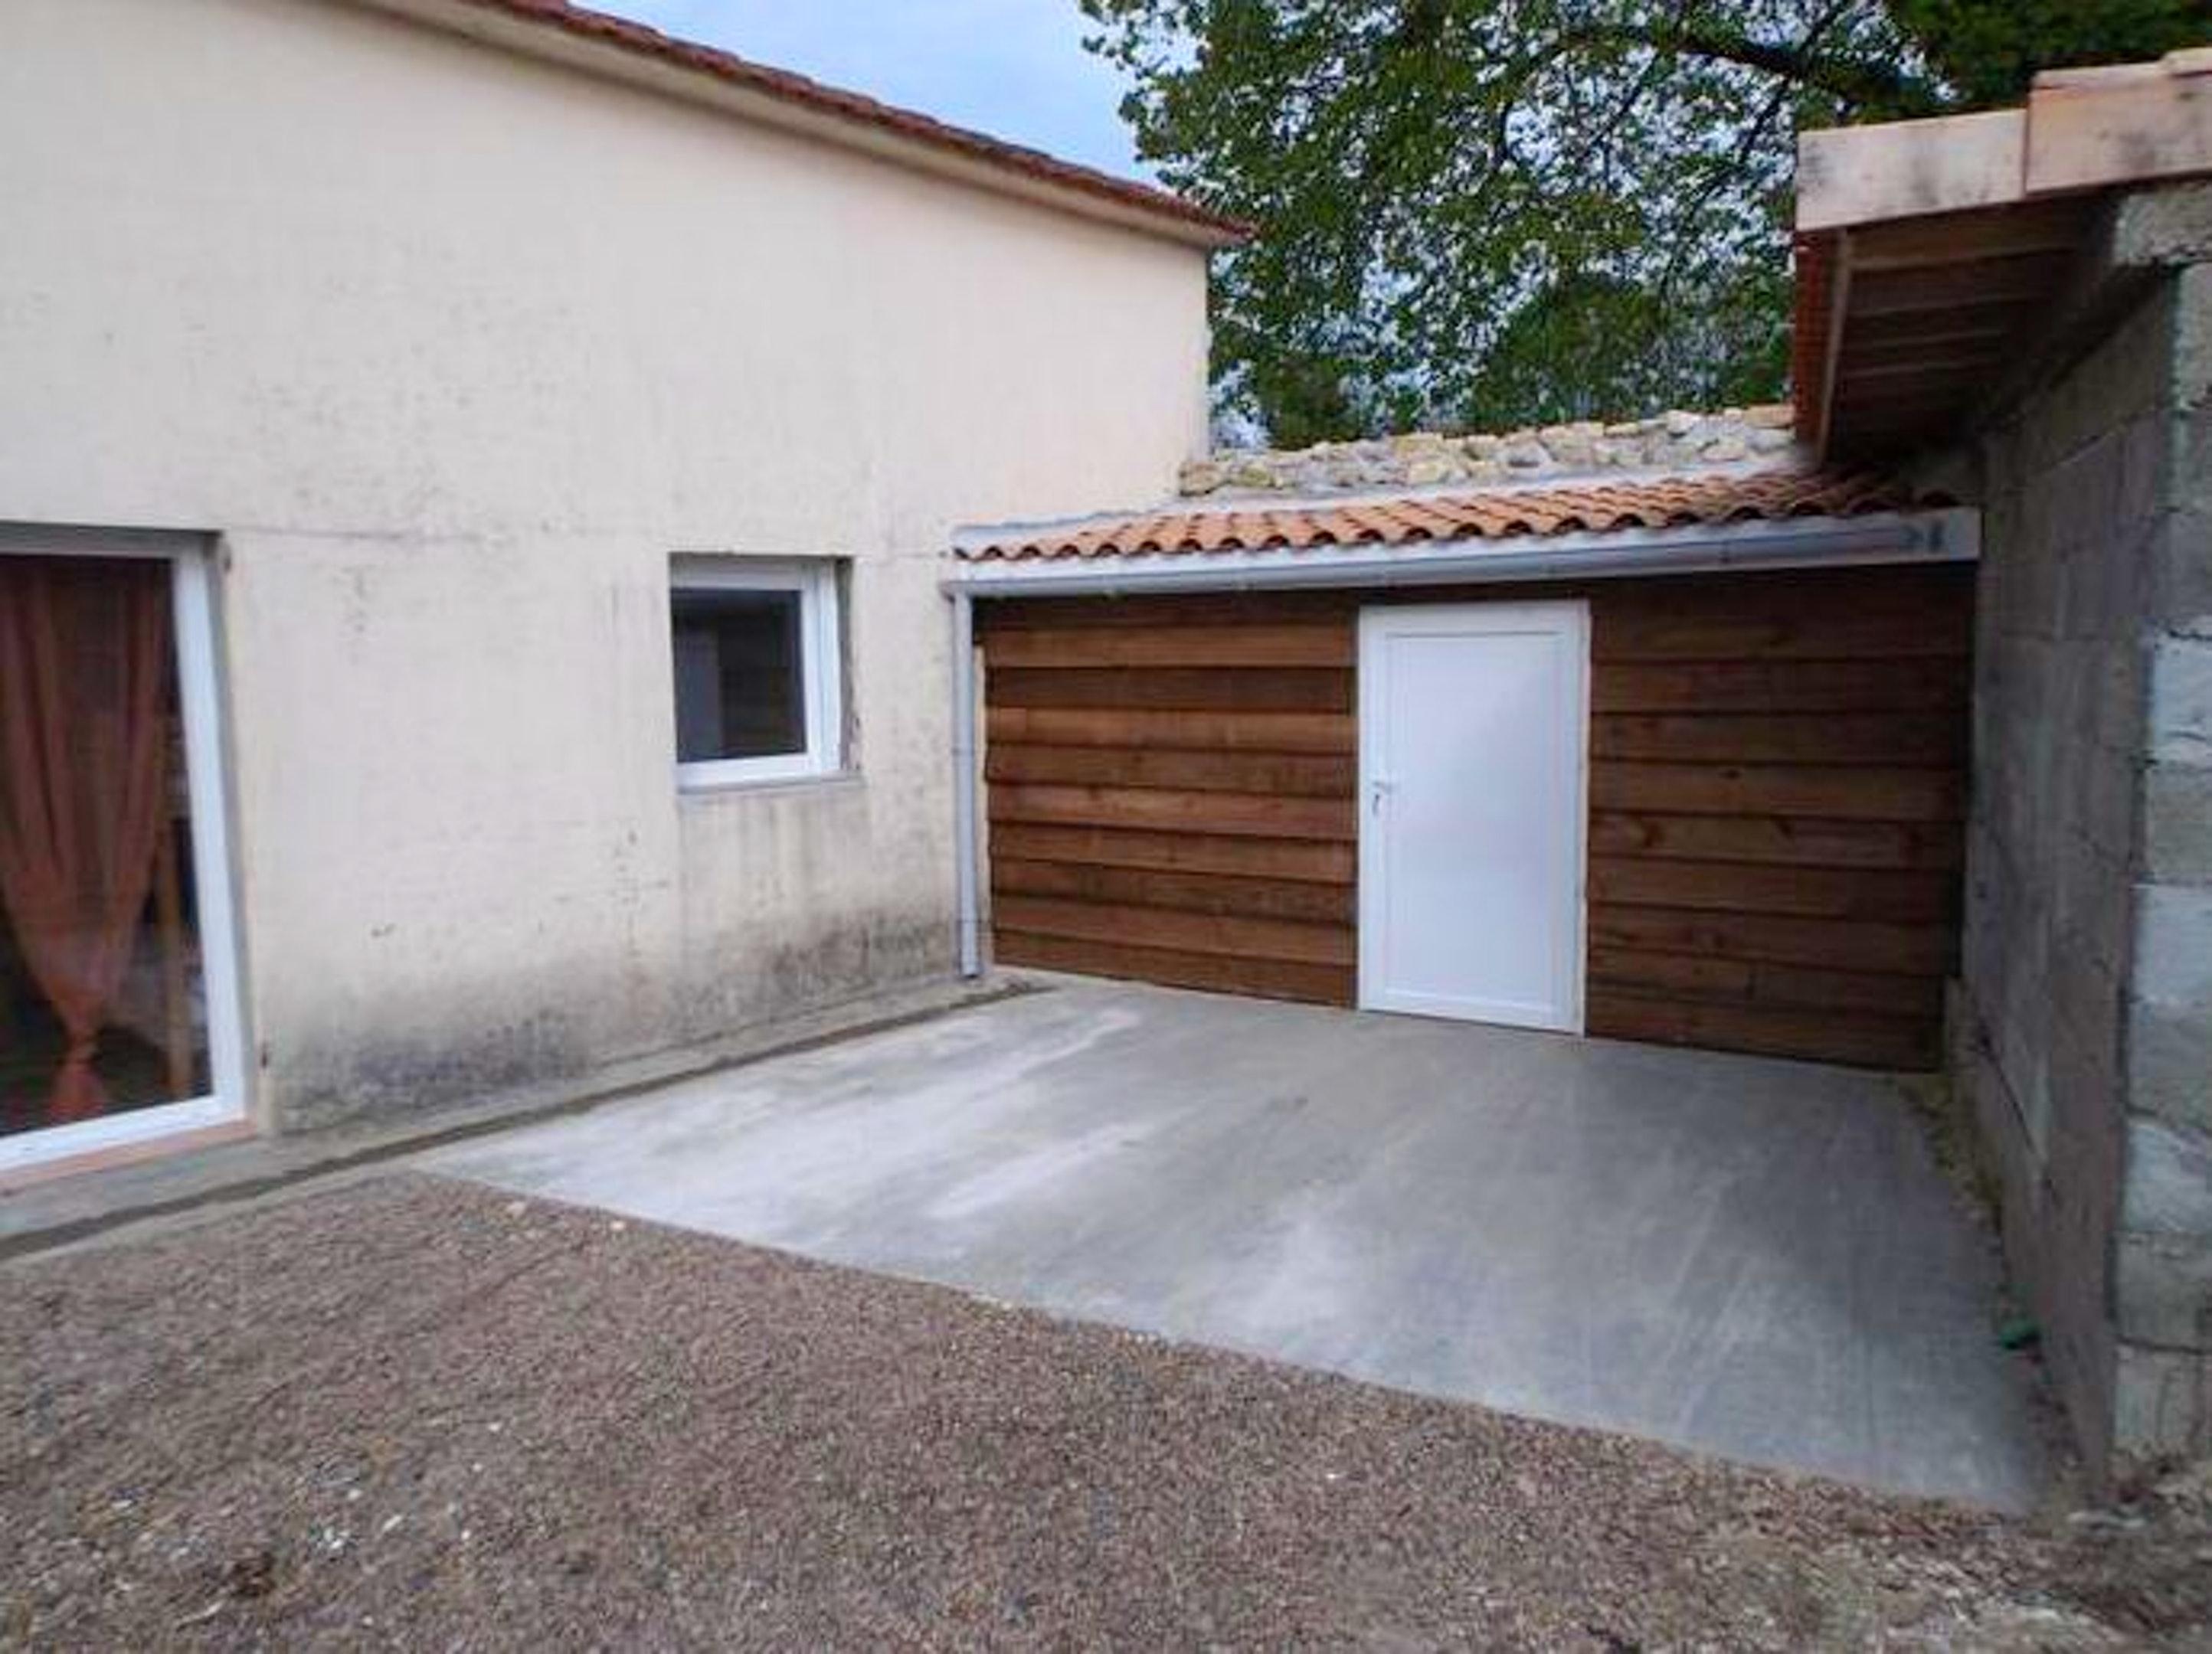 Maison de vacances Haus mit 3 Schlafzimmern in Blaye mit eingezäuntem Garten und W-LAN (2412383), Blaye, Gironde, Aquitaine, France, image 14